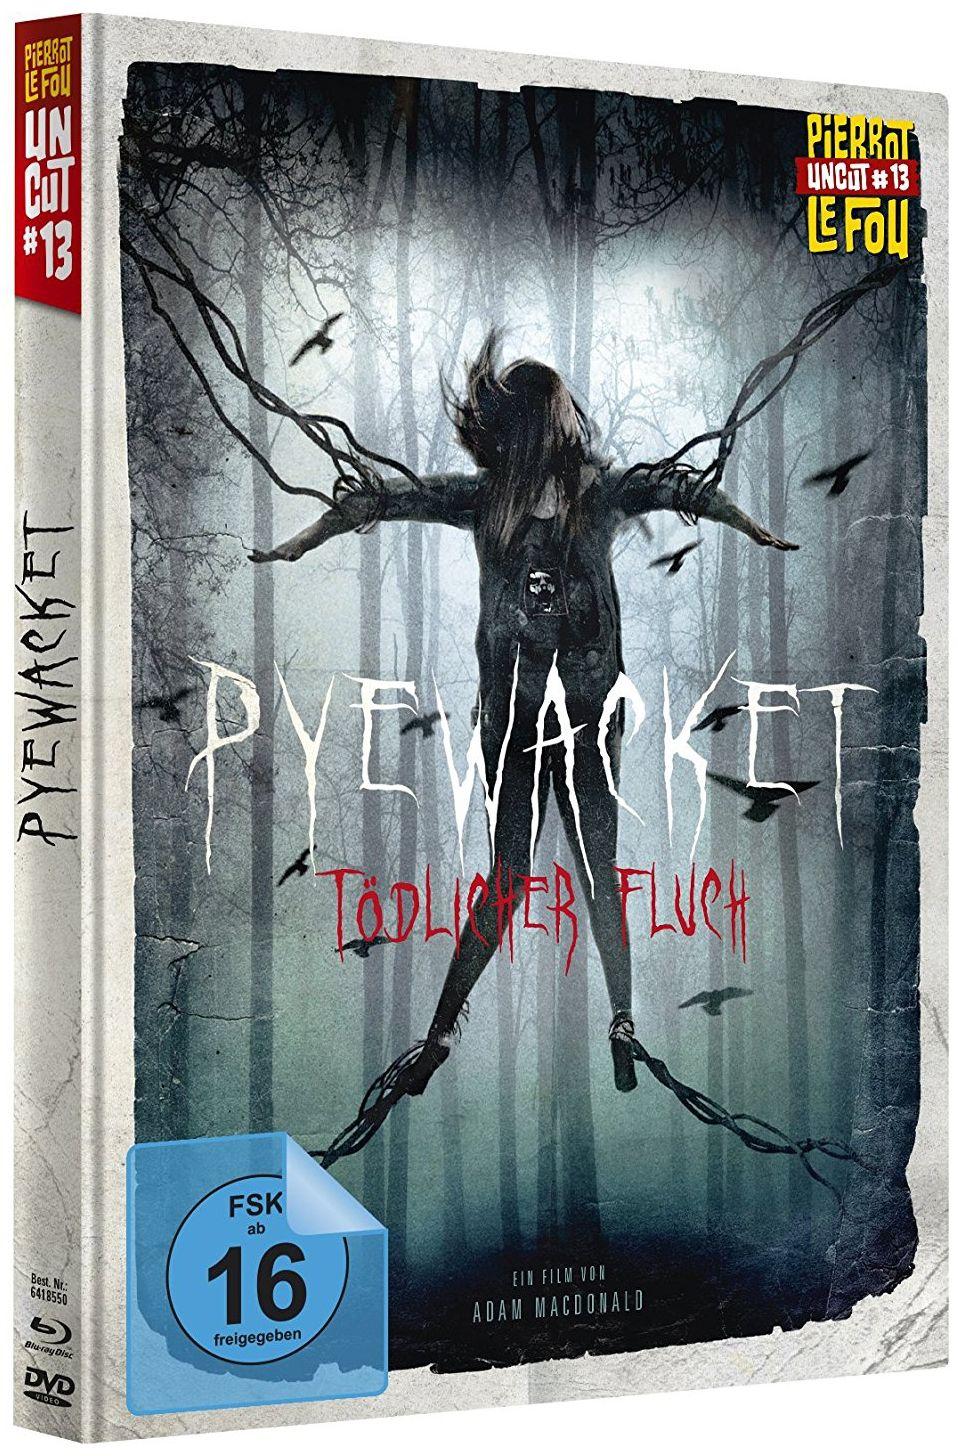 Pyewacket - Tödlicher Fluch (Lim. Uncut Mediabook) (DVD + BLURAY)